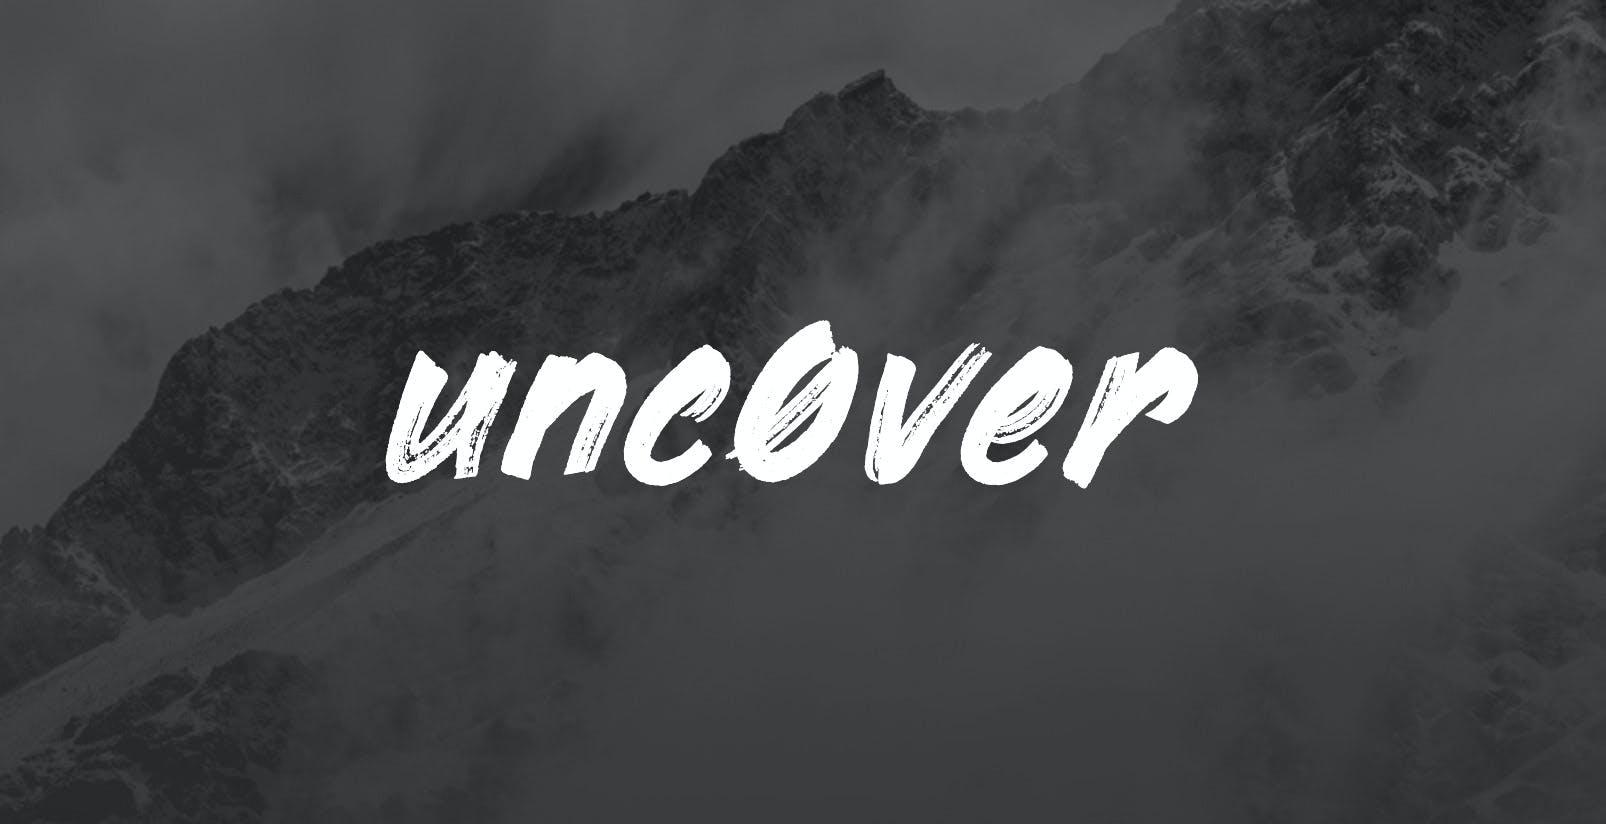 unc0ver è il jailbreak per iPhone che funziona anche su iOS 13.5. Chi lo ha creato promette che è sicuro